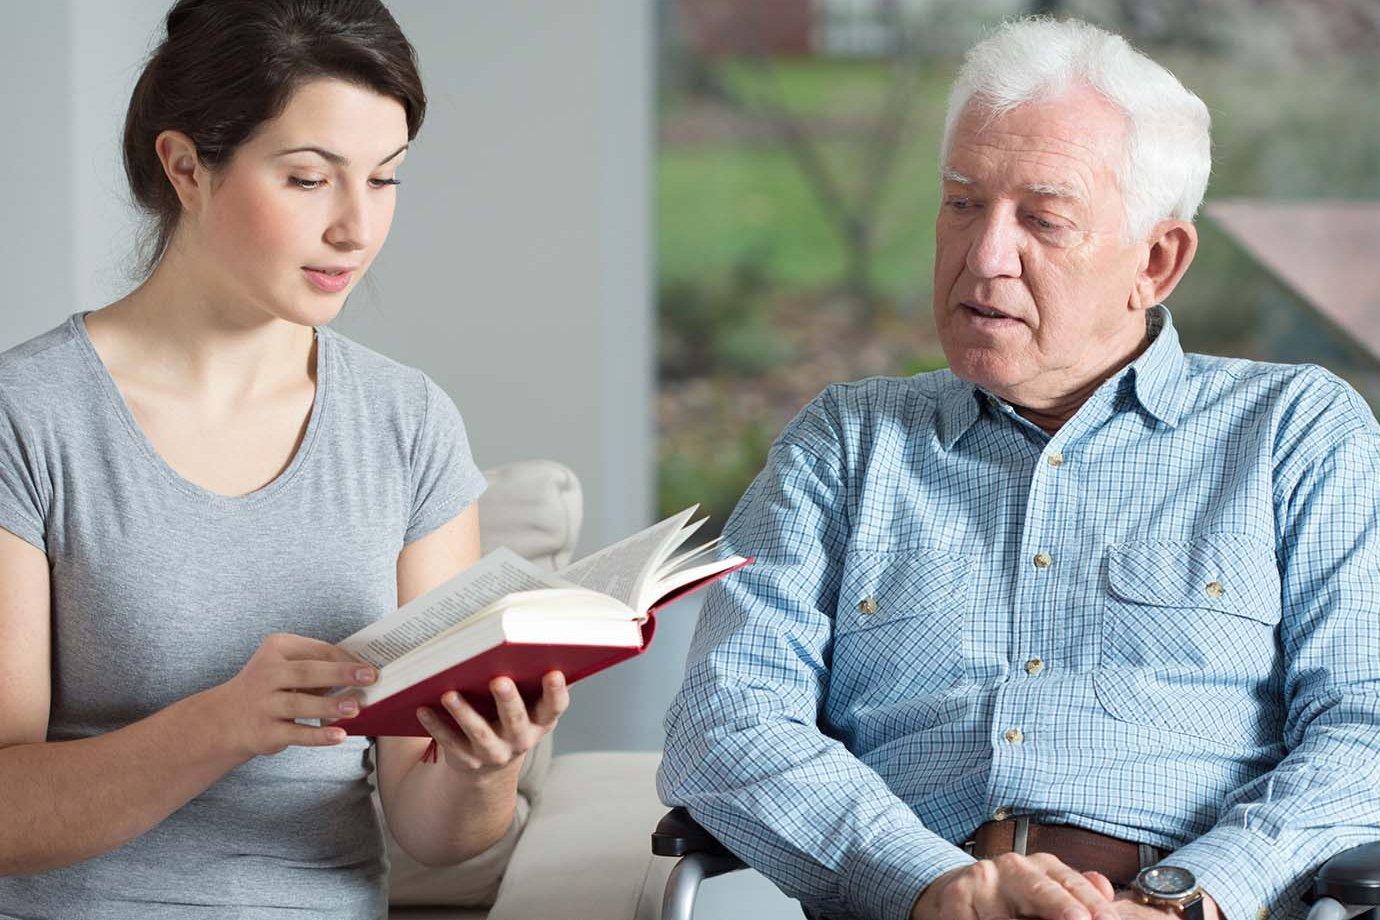 От чего защищает страхование титула, страхование имущества